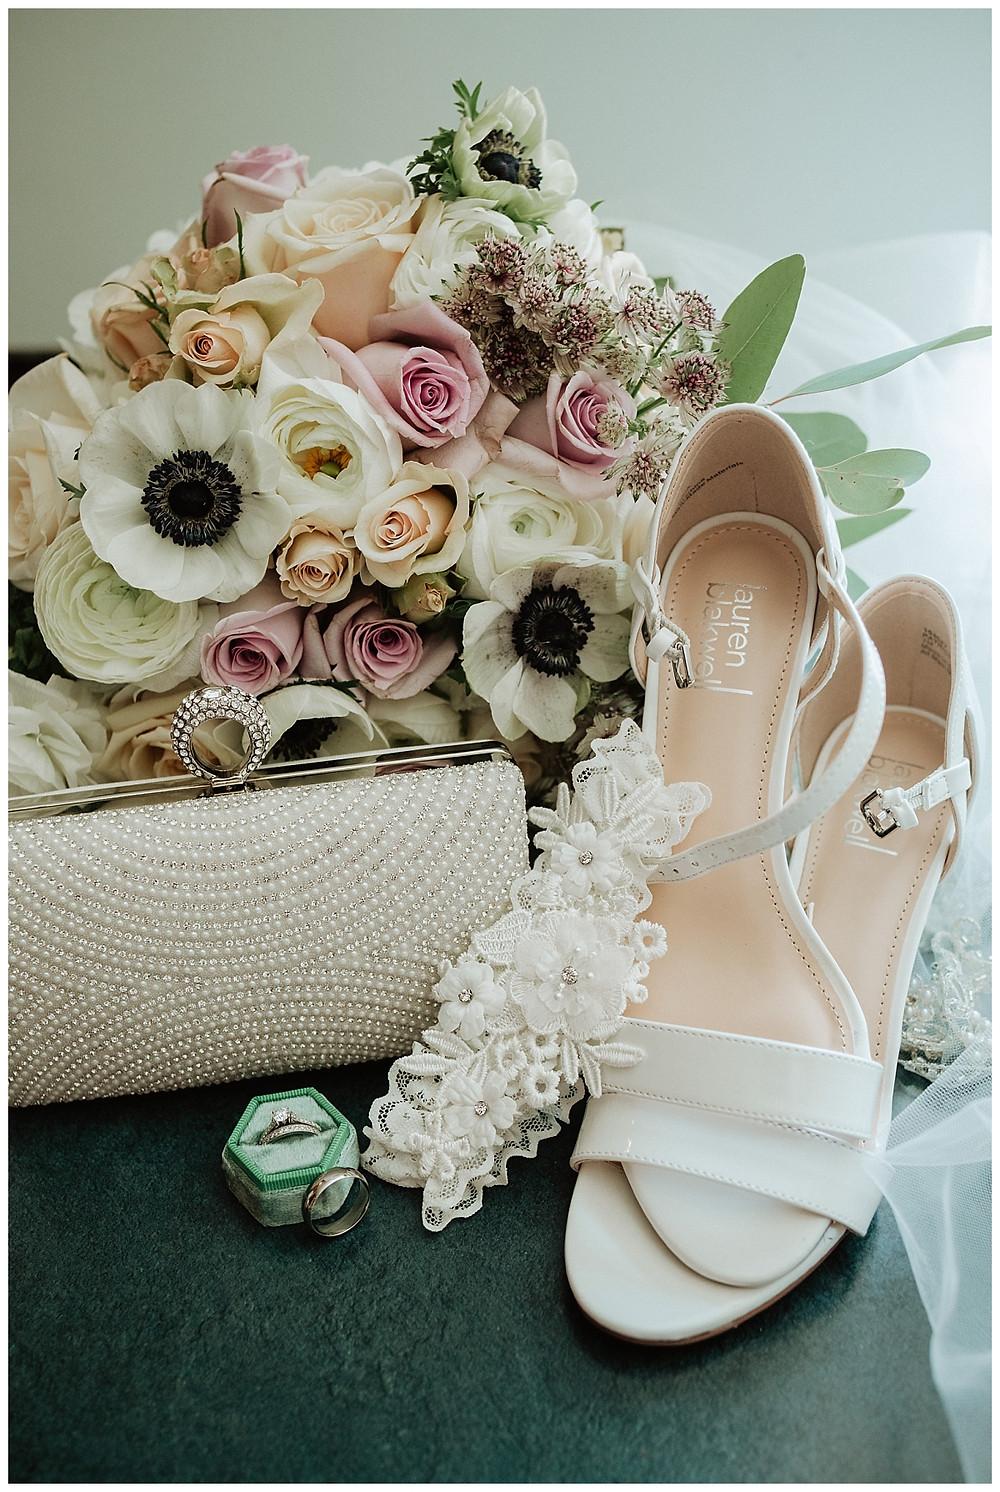 Bridal Details, Rings, Shoes, Garter